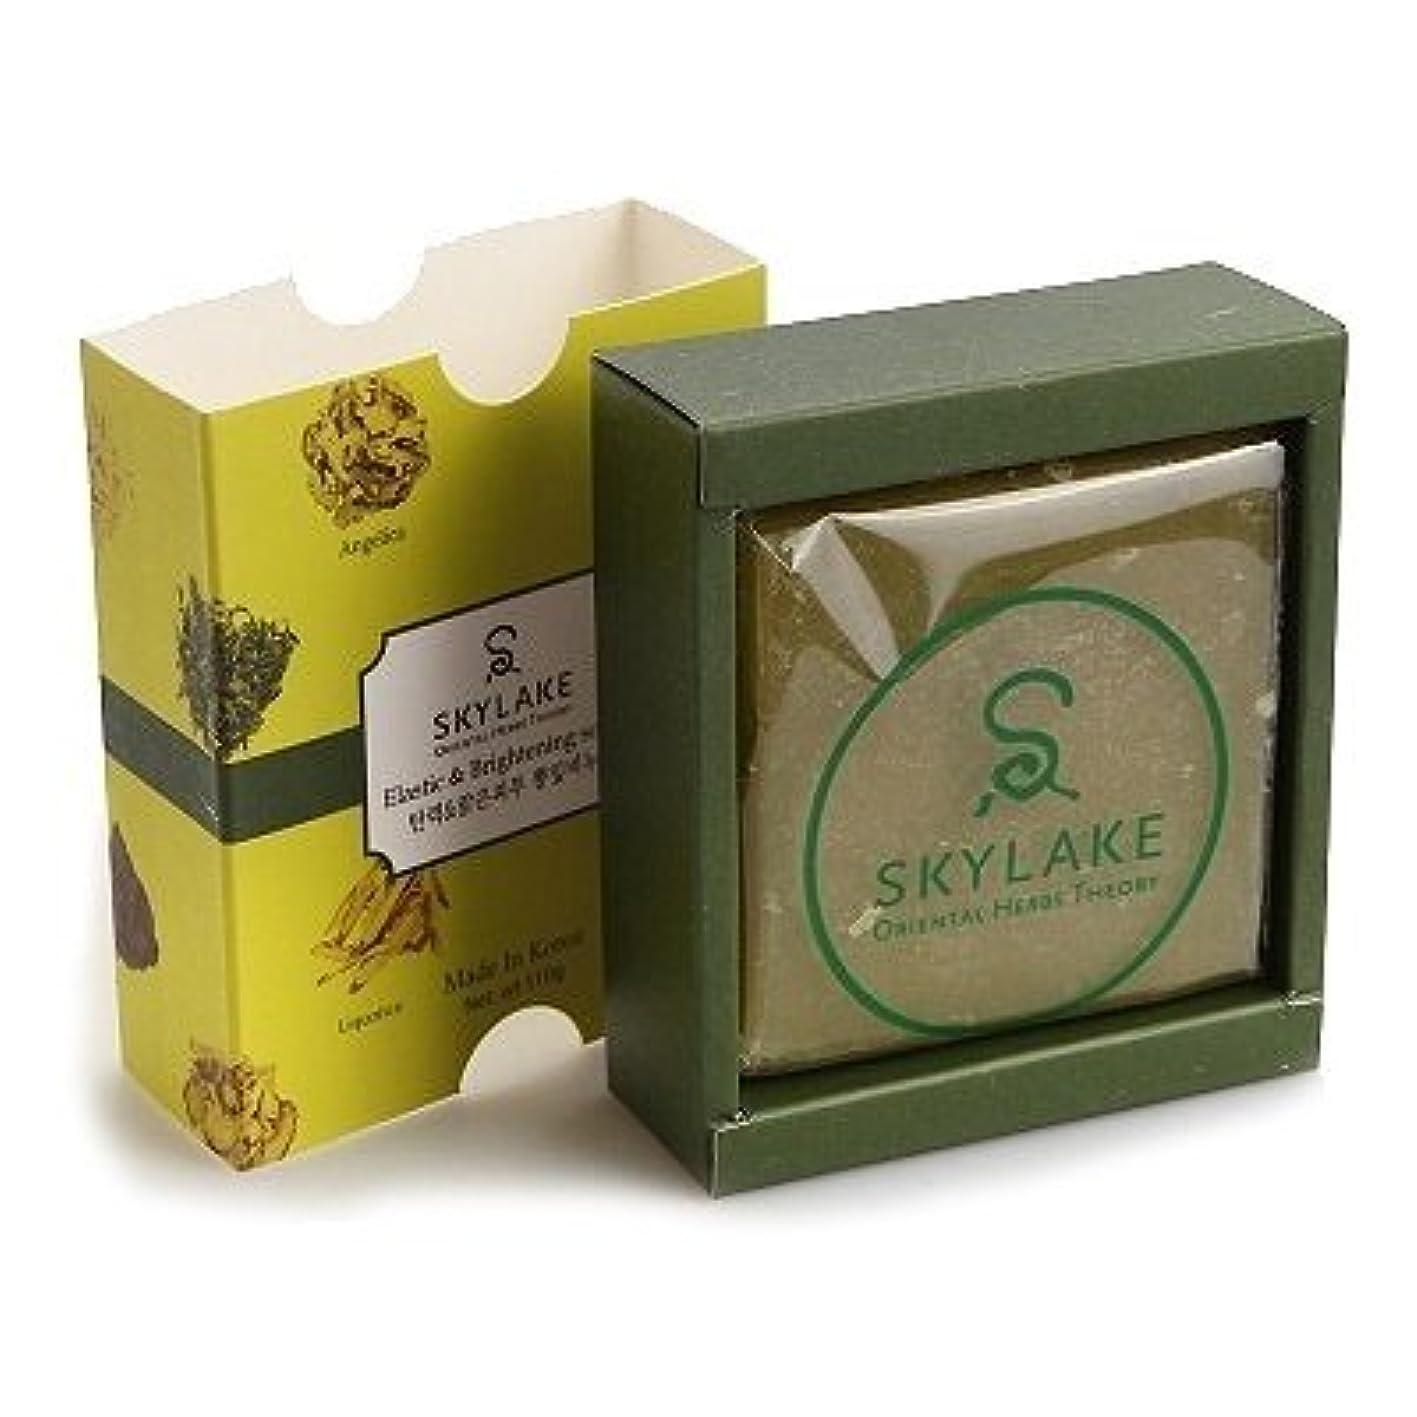 分カレッジサーバントハヌルホス[Skylake] 漢方アロマ石鹸Oriental Herbs Theory Soap (ハリ改.善&ブライトニング用)